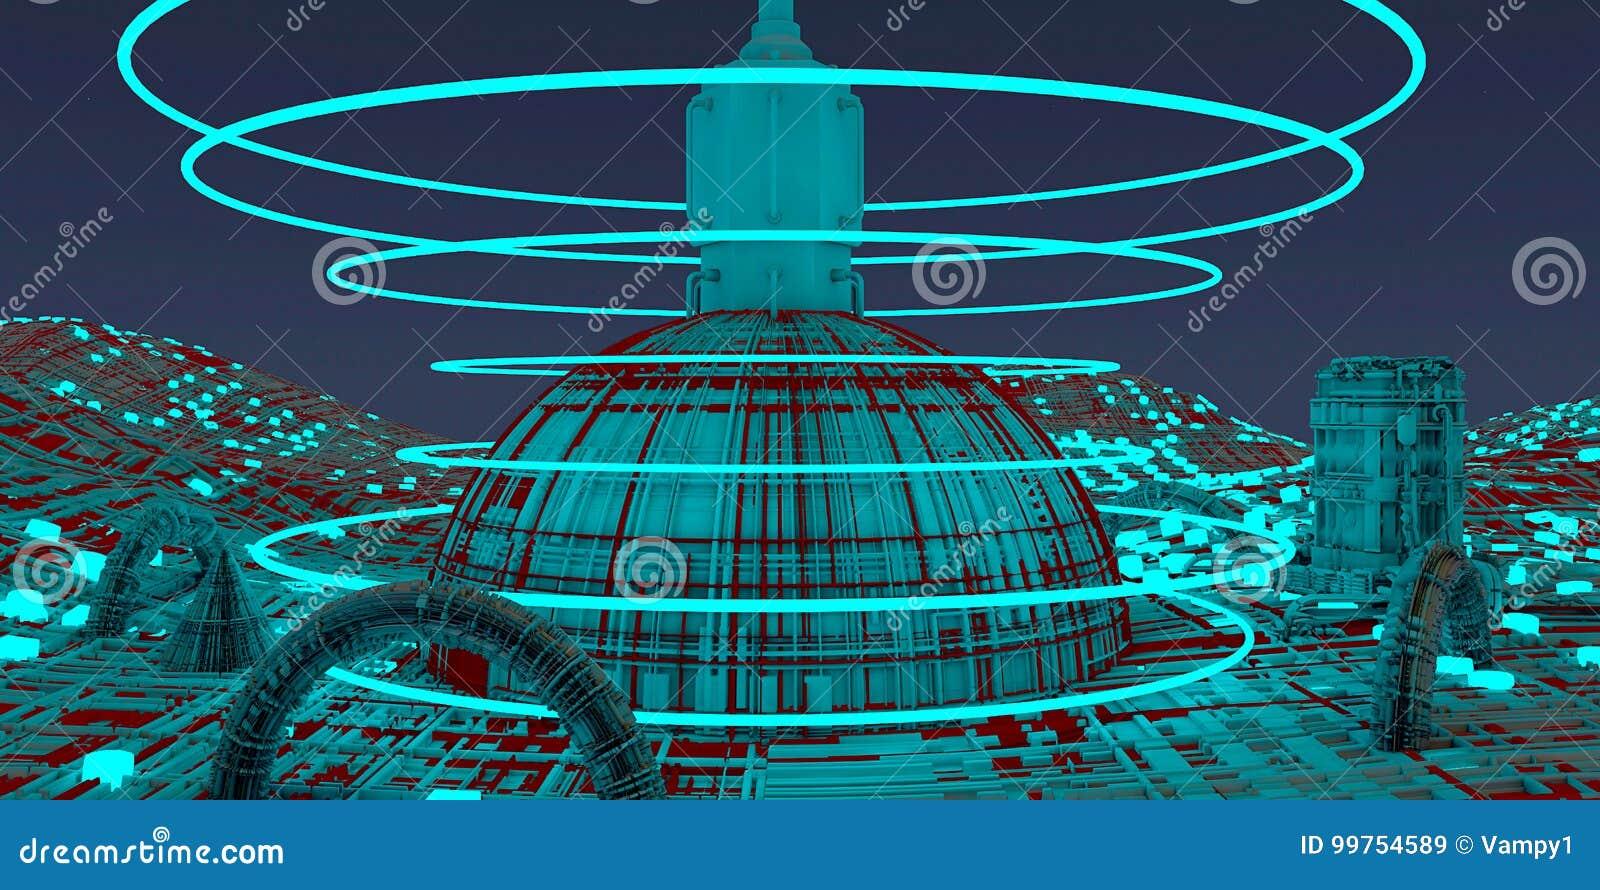 Διαστημικός σταθμός, διαστημόπλοιο, πόλεις της μελλοντικής, επιστημονικής φαντασίας, Sci Fi, παράλληλα πιάτα, αστικά κέντρα, μονά